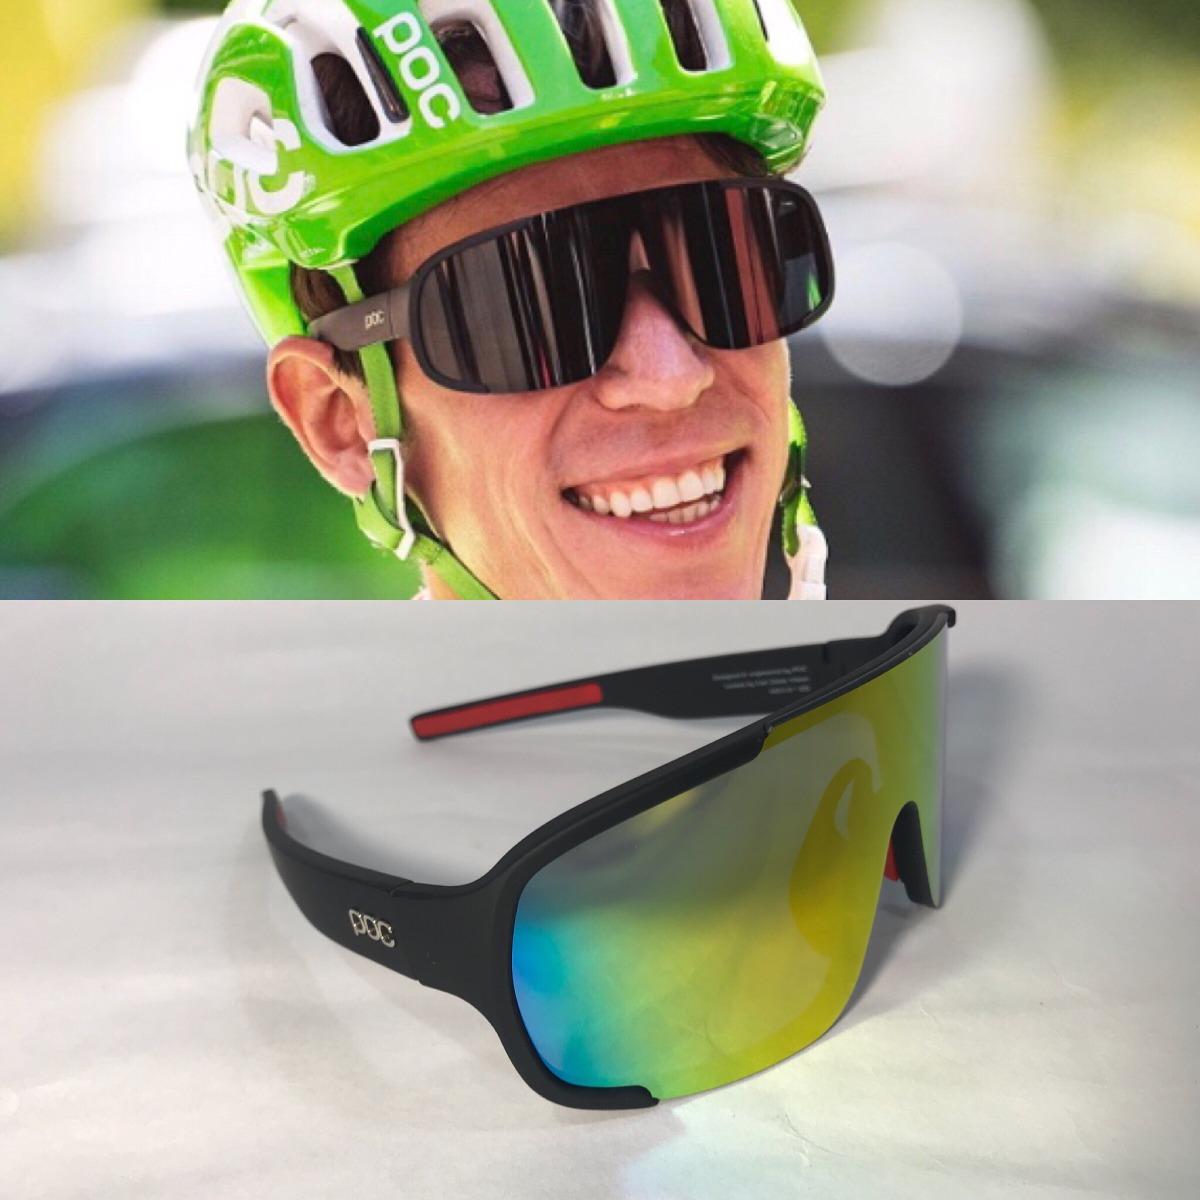 tienda del reino unido detallado procesos de tintura meticulosos Gafas De Ciclismo Poc Aspire Negras Rigoberto Urán